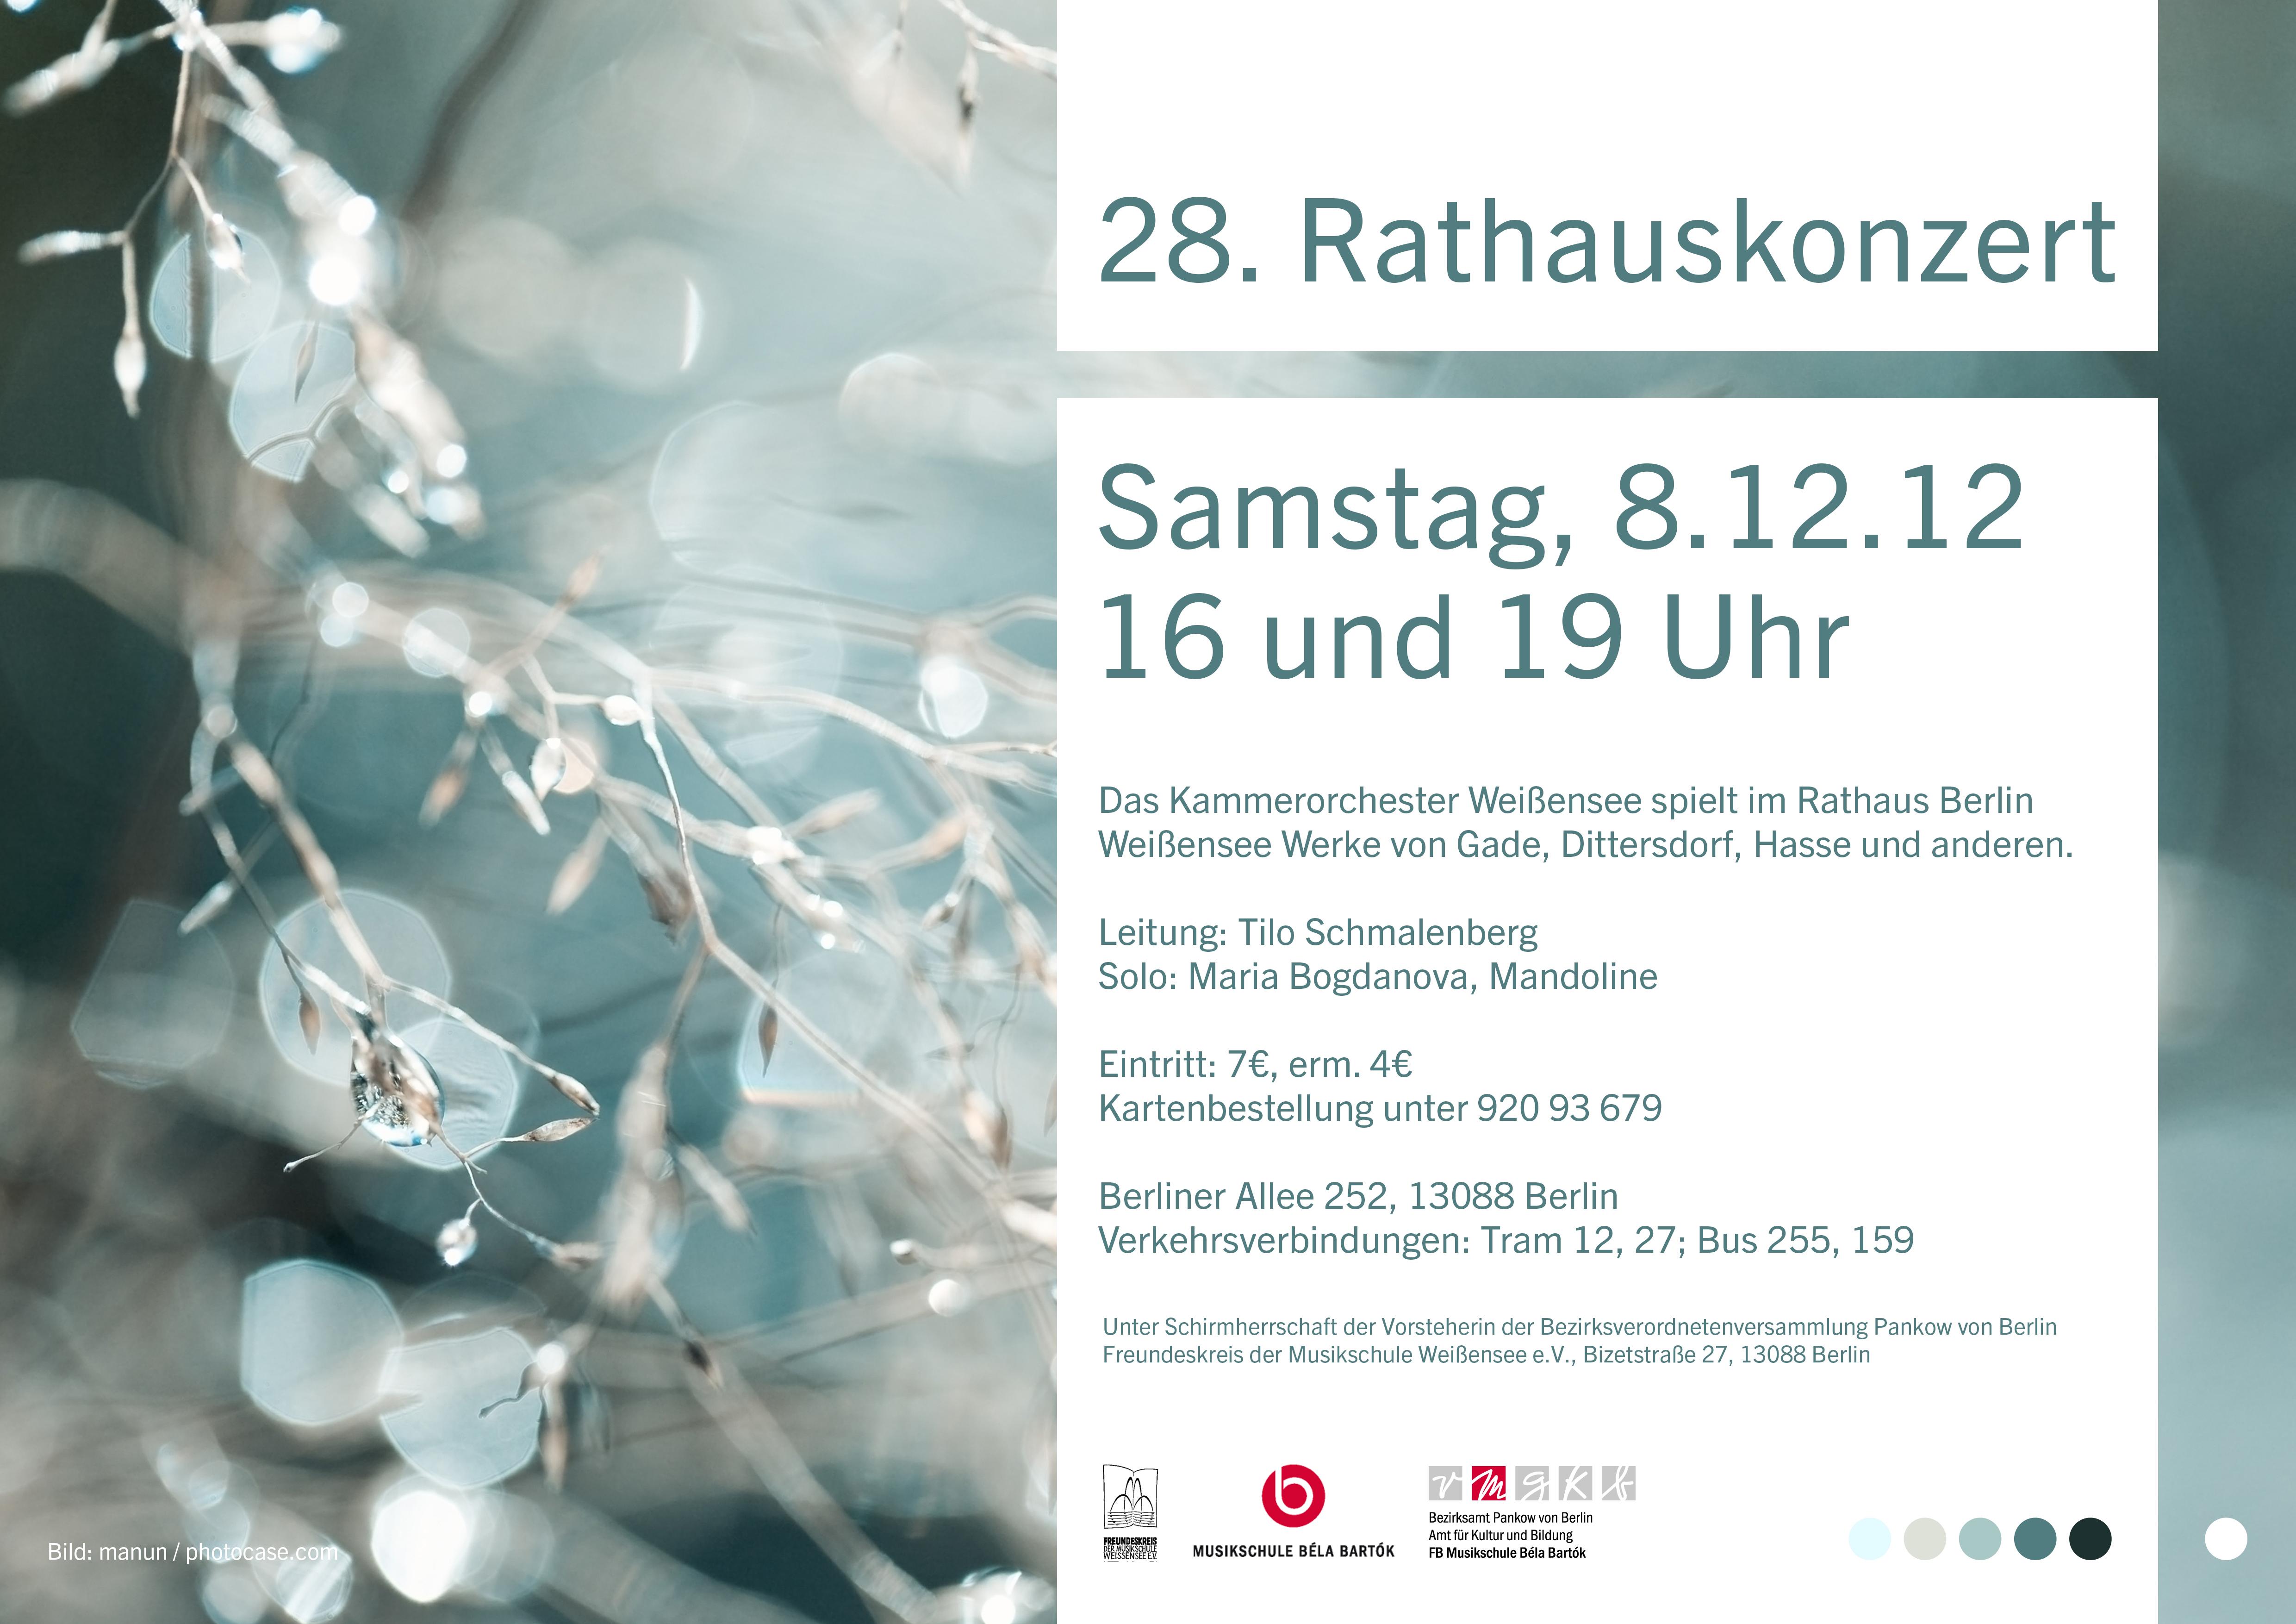 28. Rathauskonzert